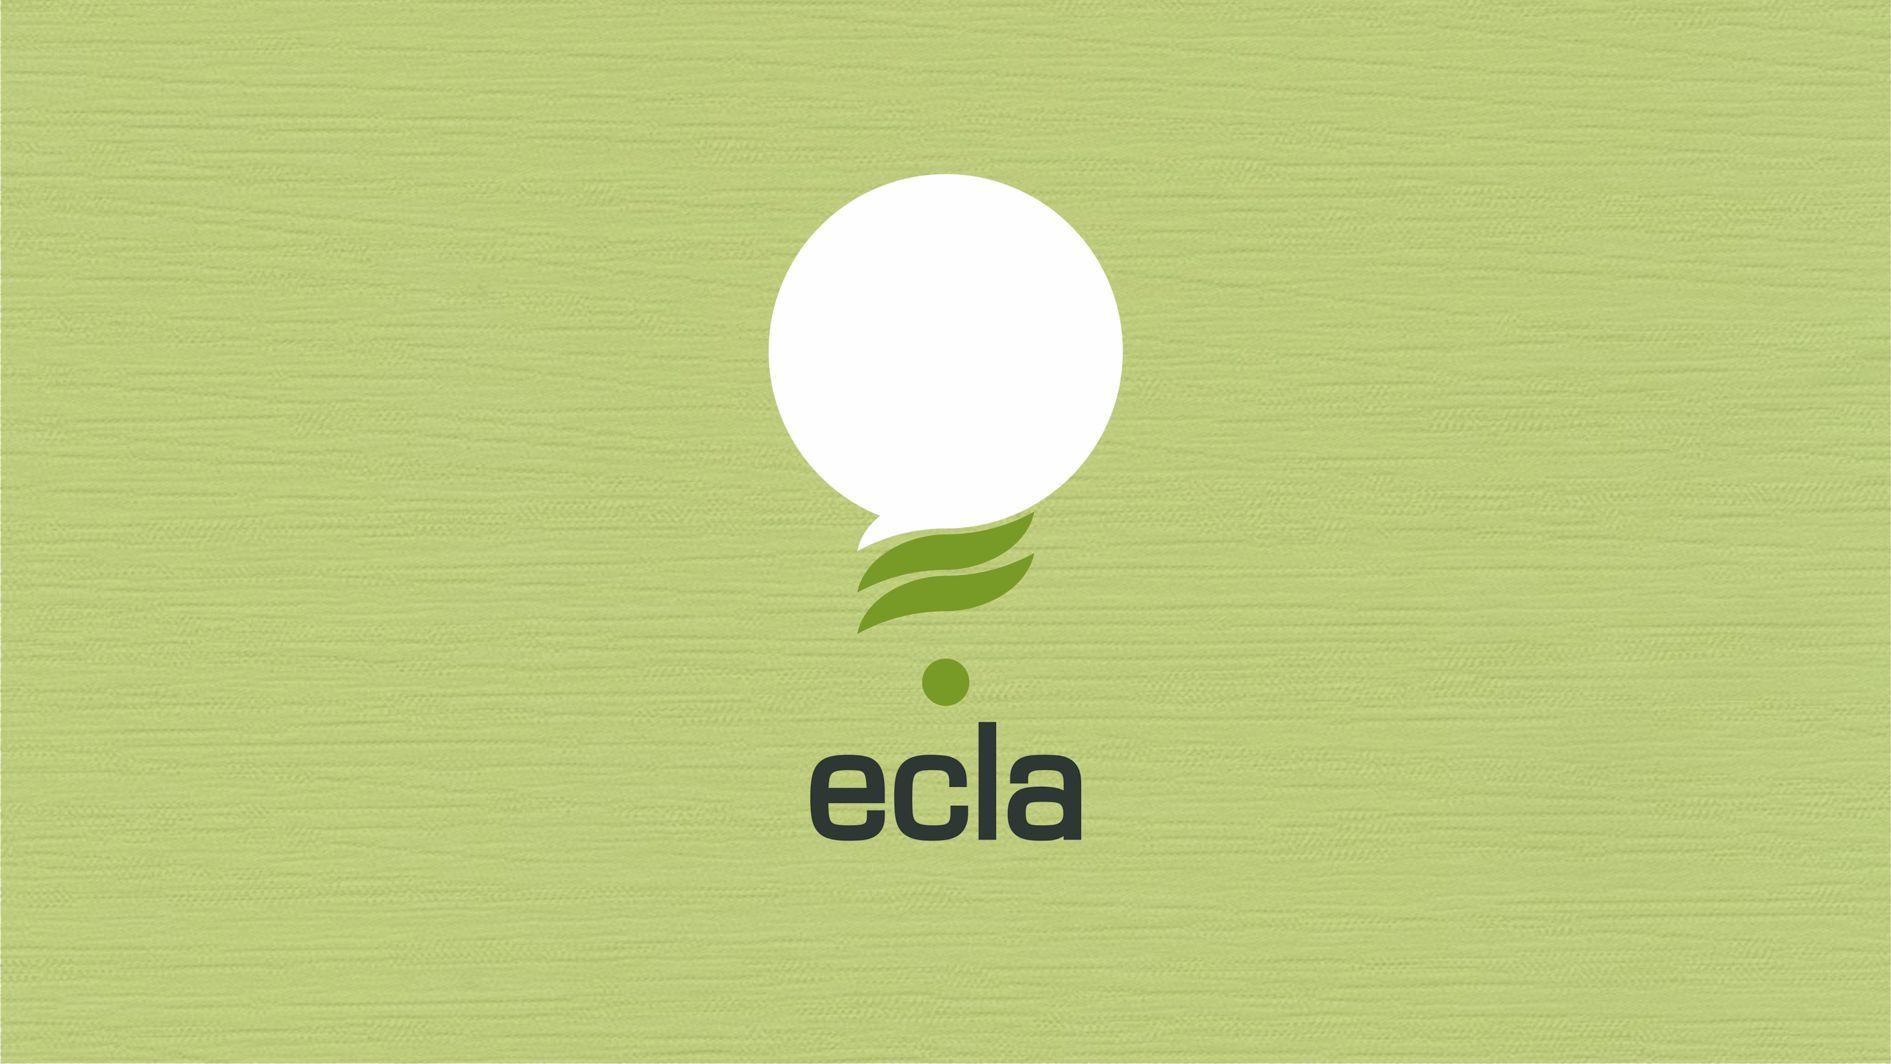 ECLA02.03